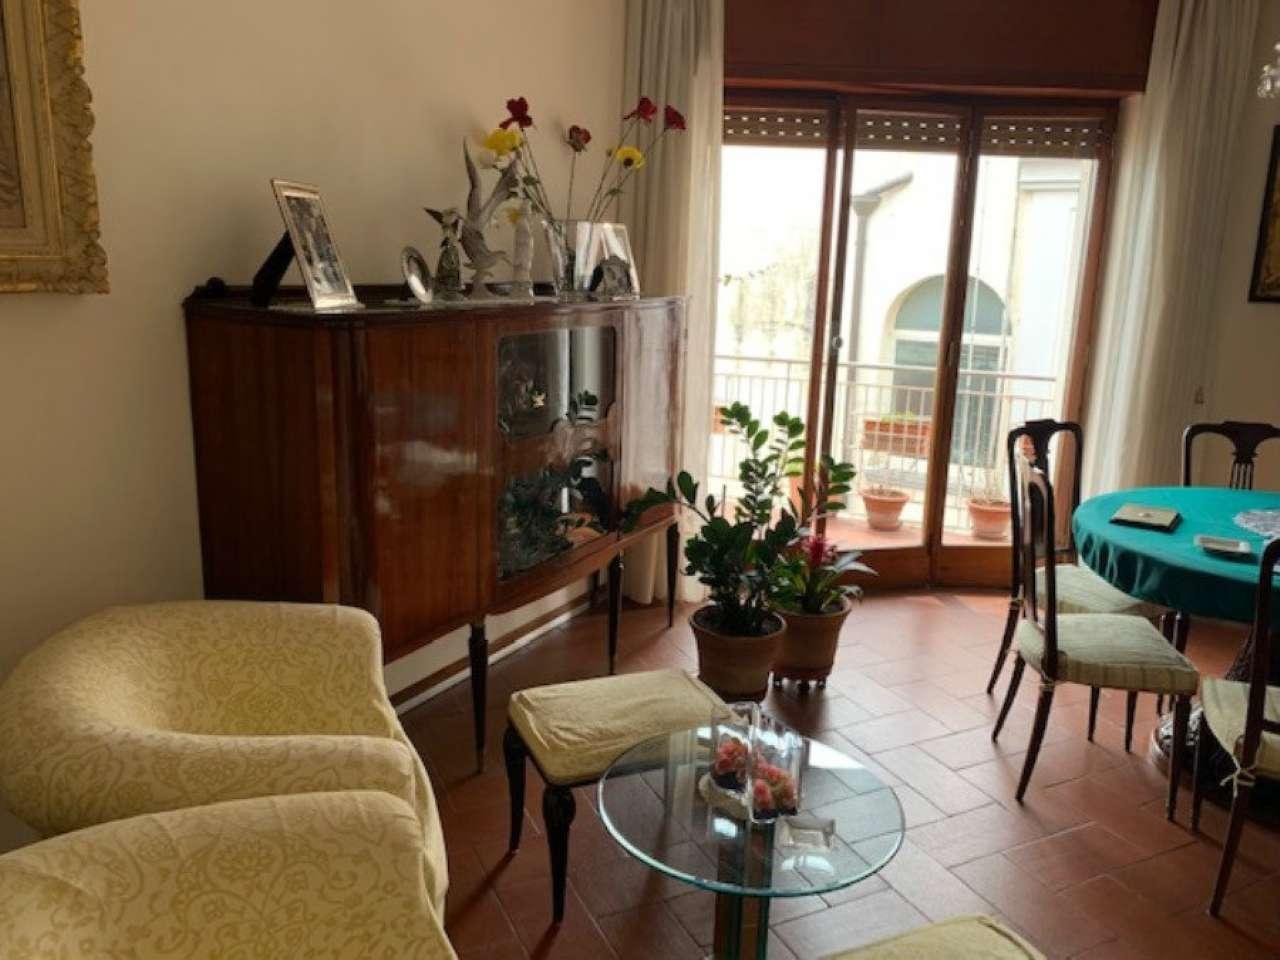 Posillipo - Ampio appartamento panoramico vista mare e Vesuvio, foto 4